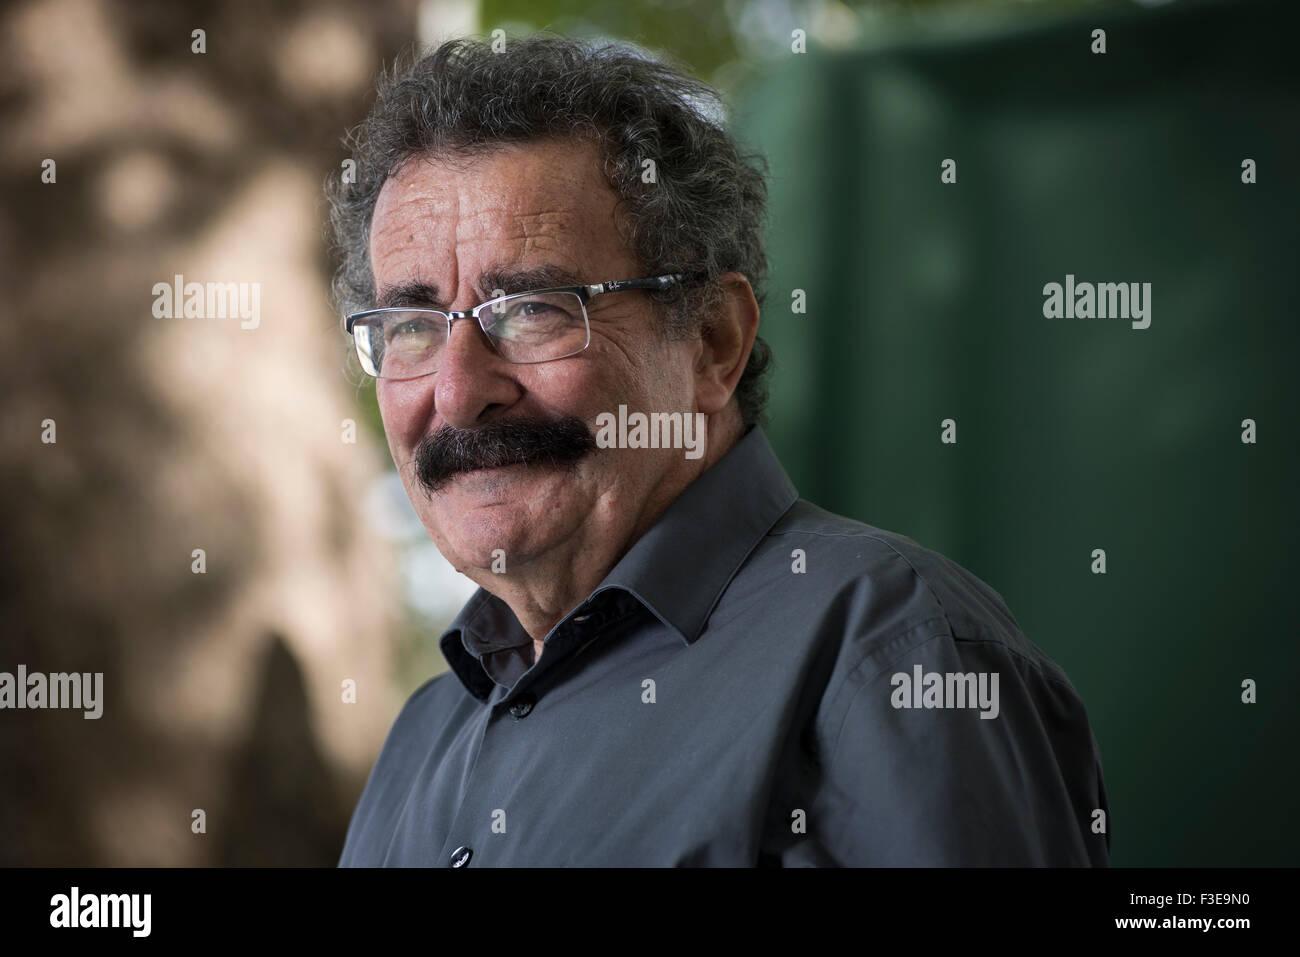 Professor, medical doctor, scientist, television presenter and politician Robert Winston FMedSci FRSA FRCP FRCOG - Stock Image